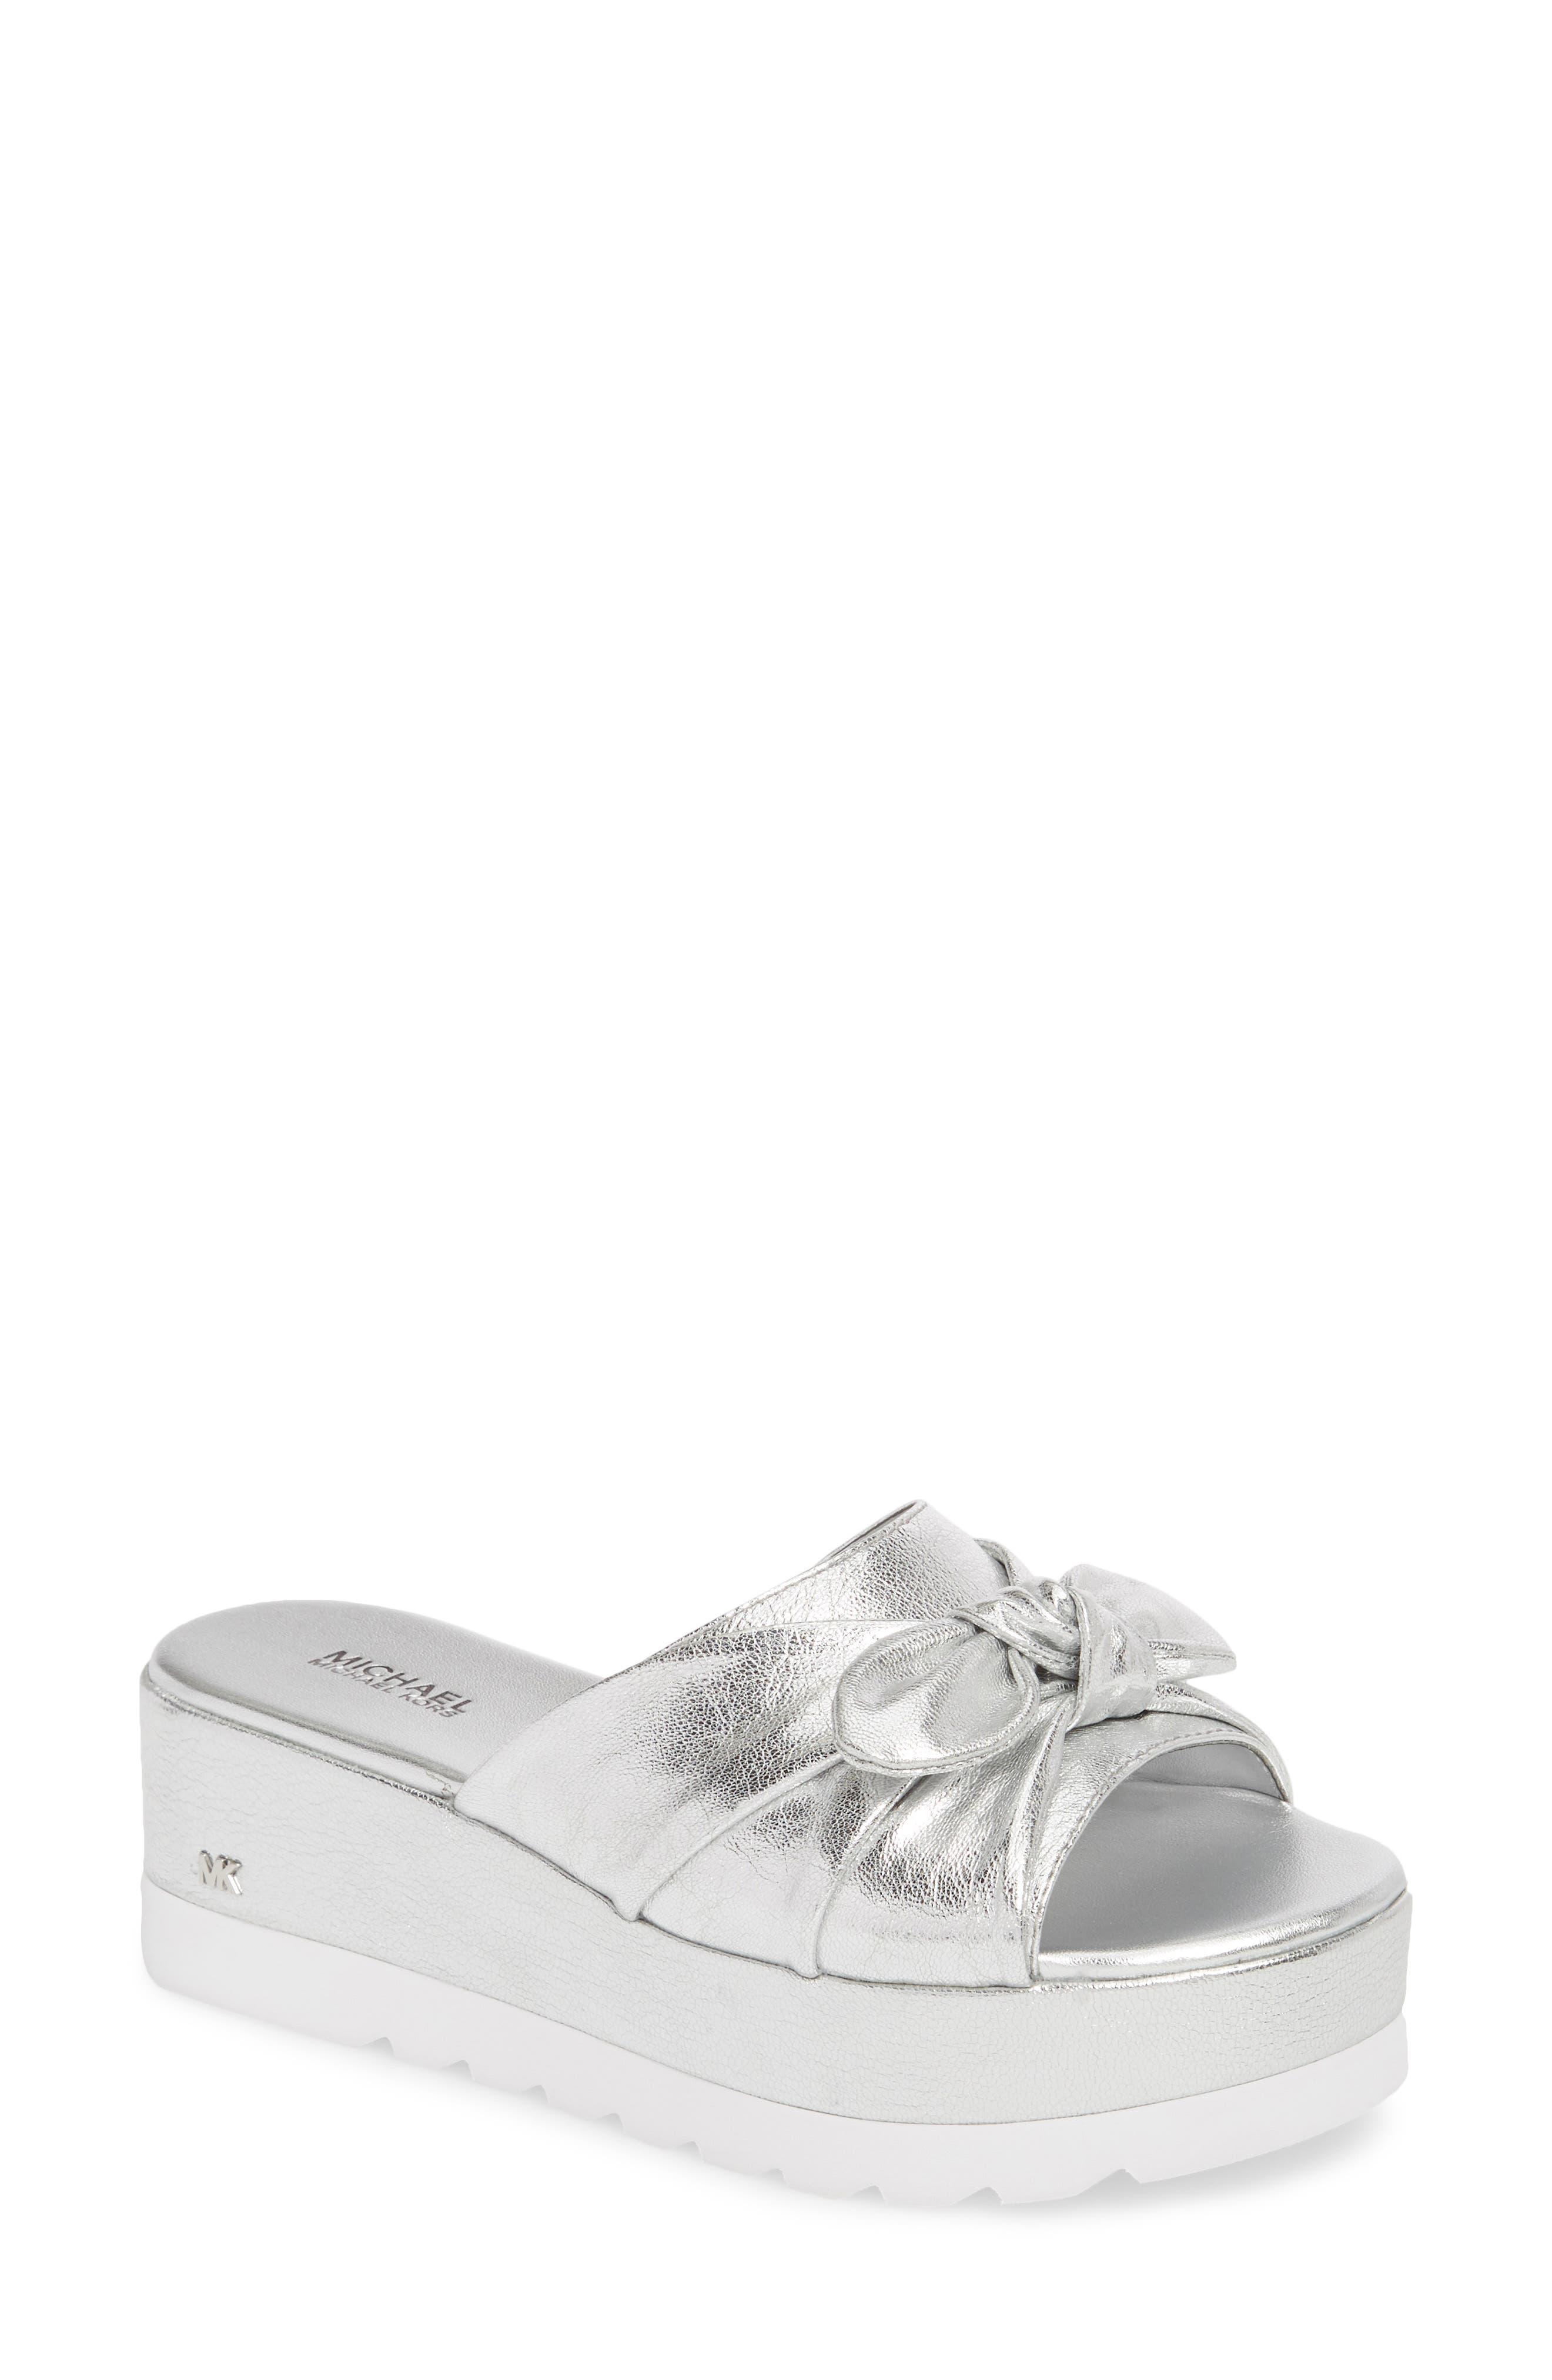 Pippa Platform Slide Sandal,                         Main,                         color, Silver